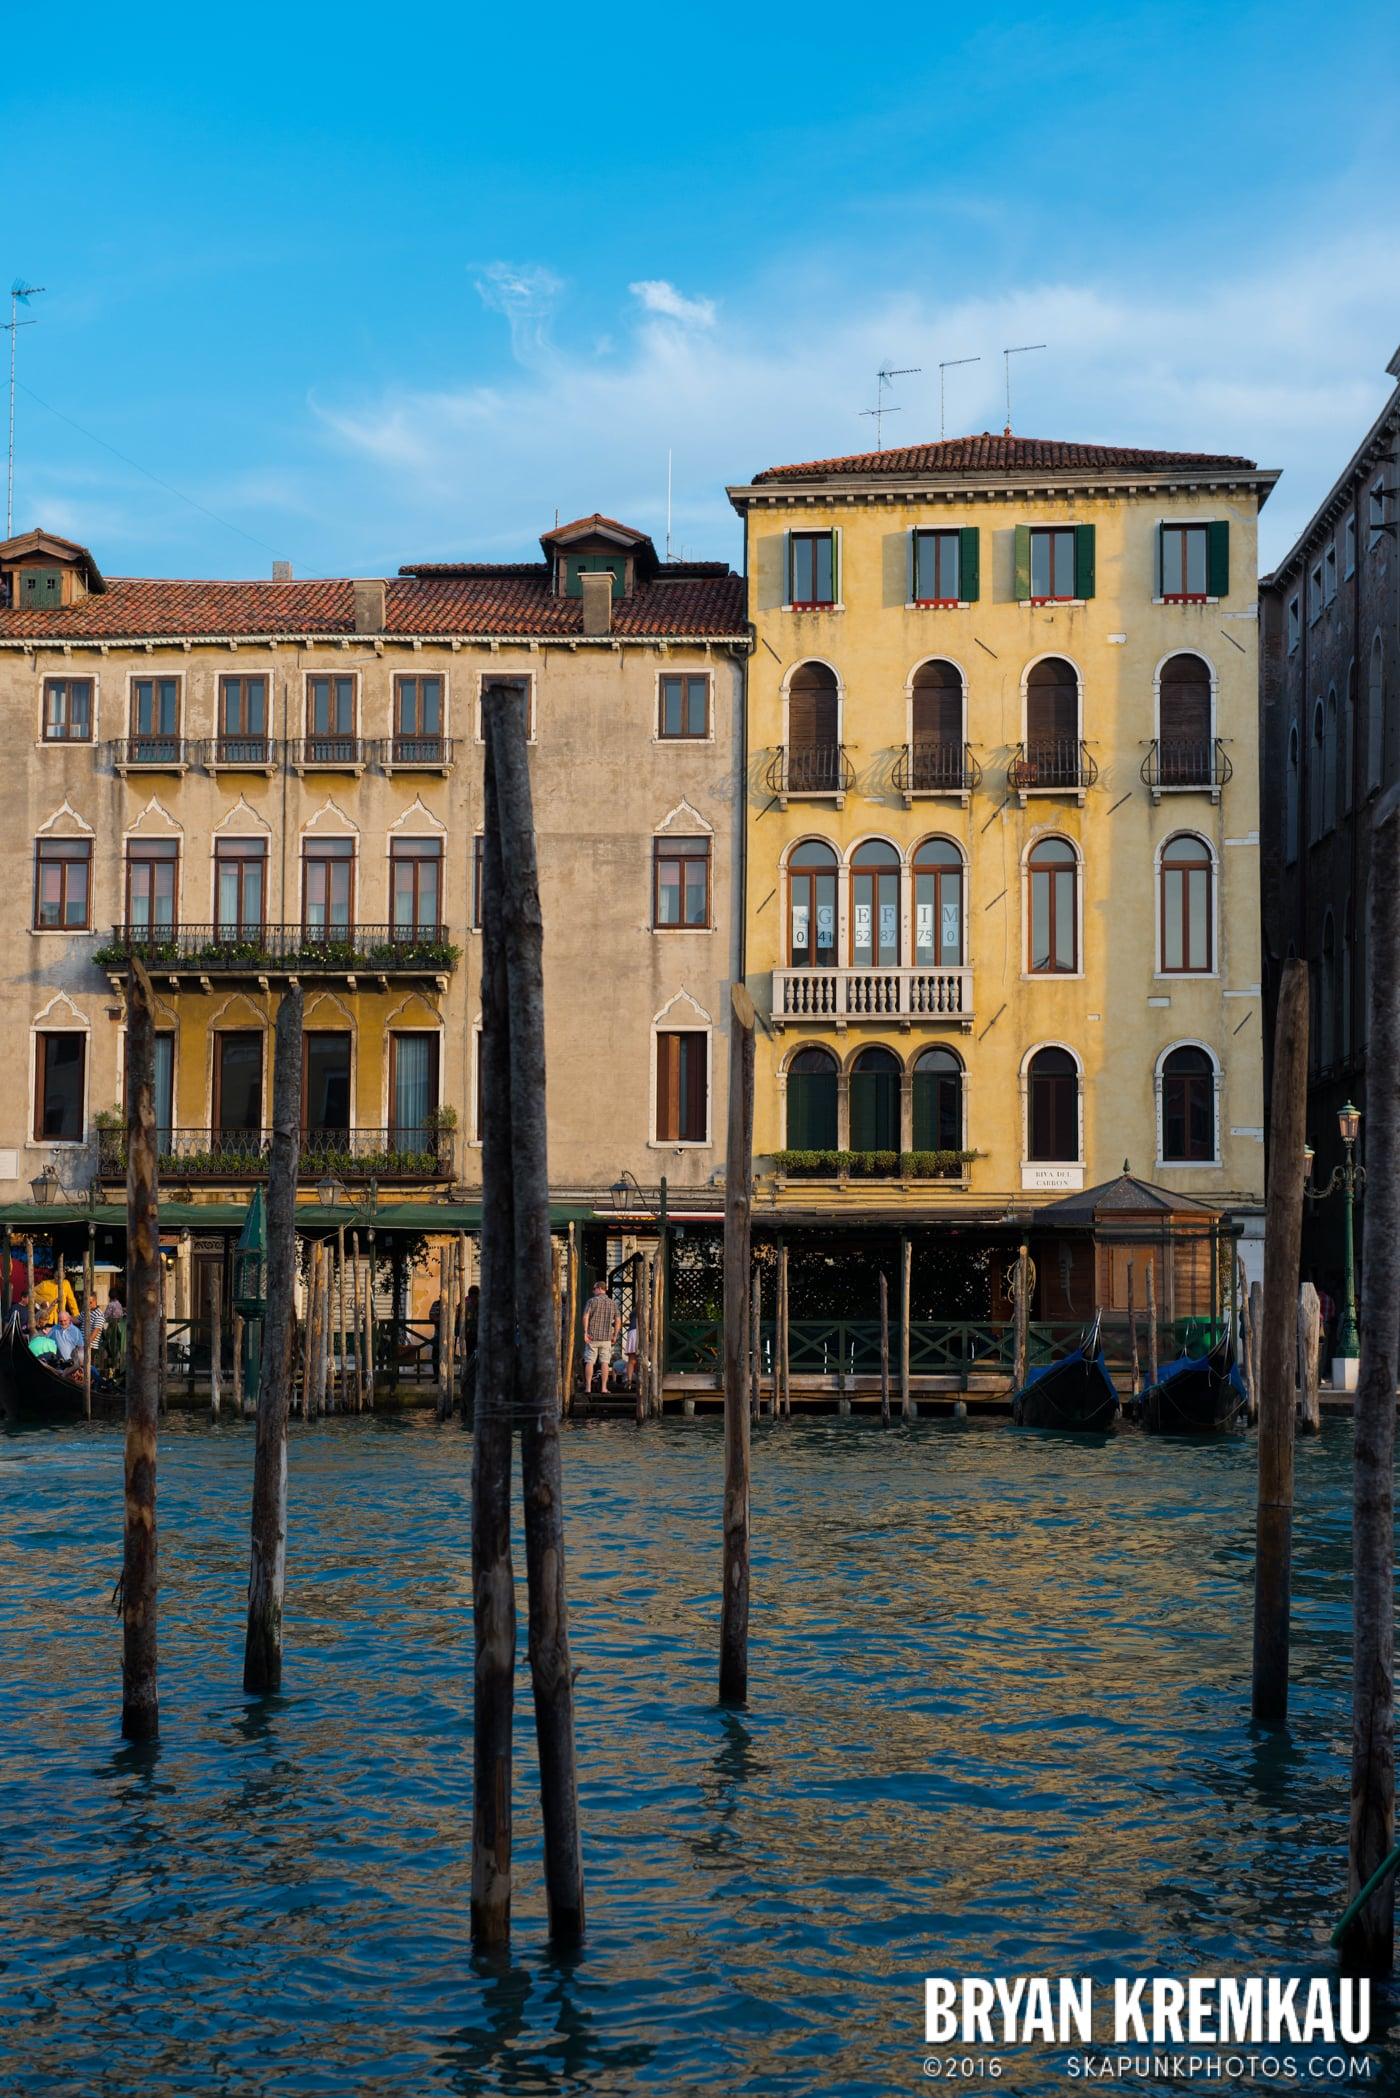 Italy Vacation - Day 6: Murano, Burano, Venice - 9.14.13 (13)